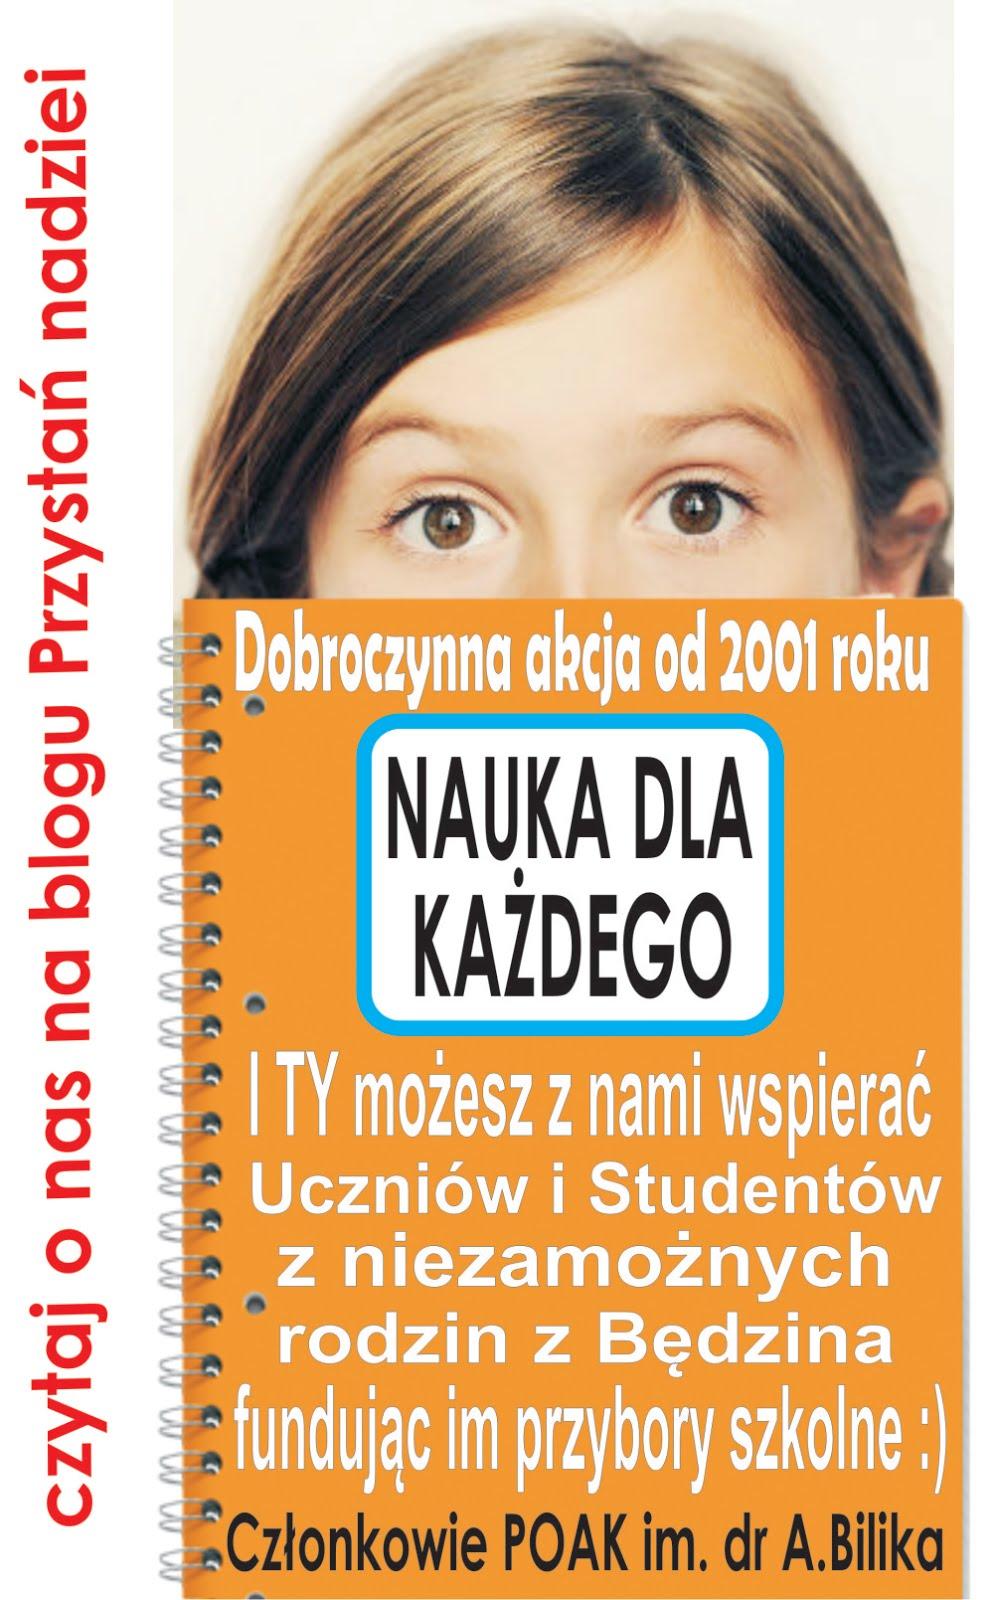 Od 2001 roku pomagamy uczącym się